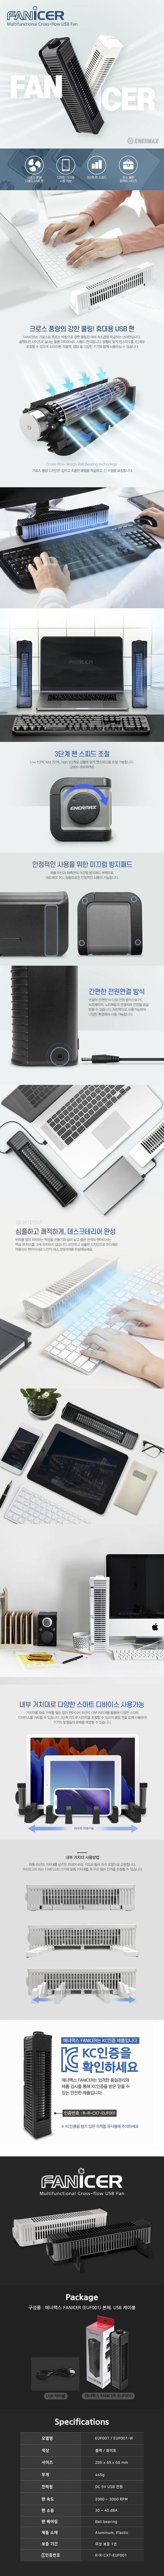 에너맥스 FANICER USB 멀티 선풍기